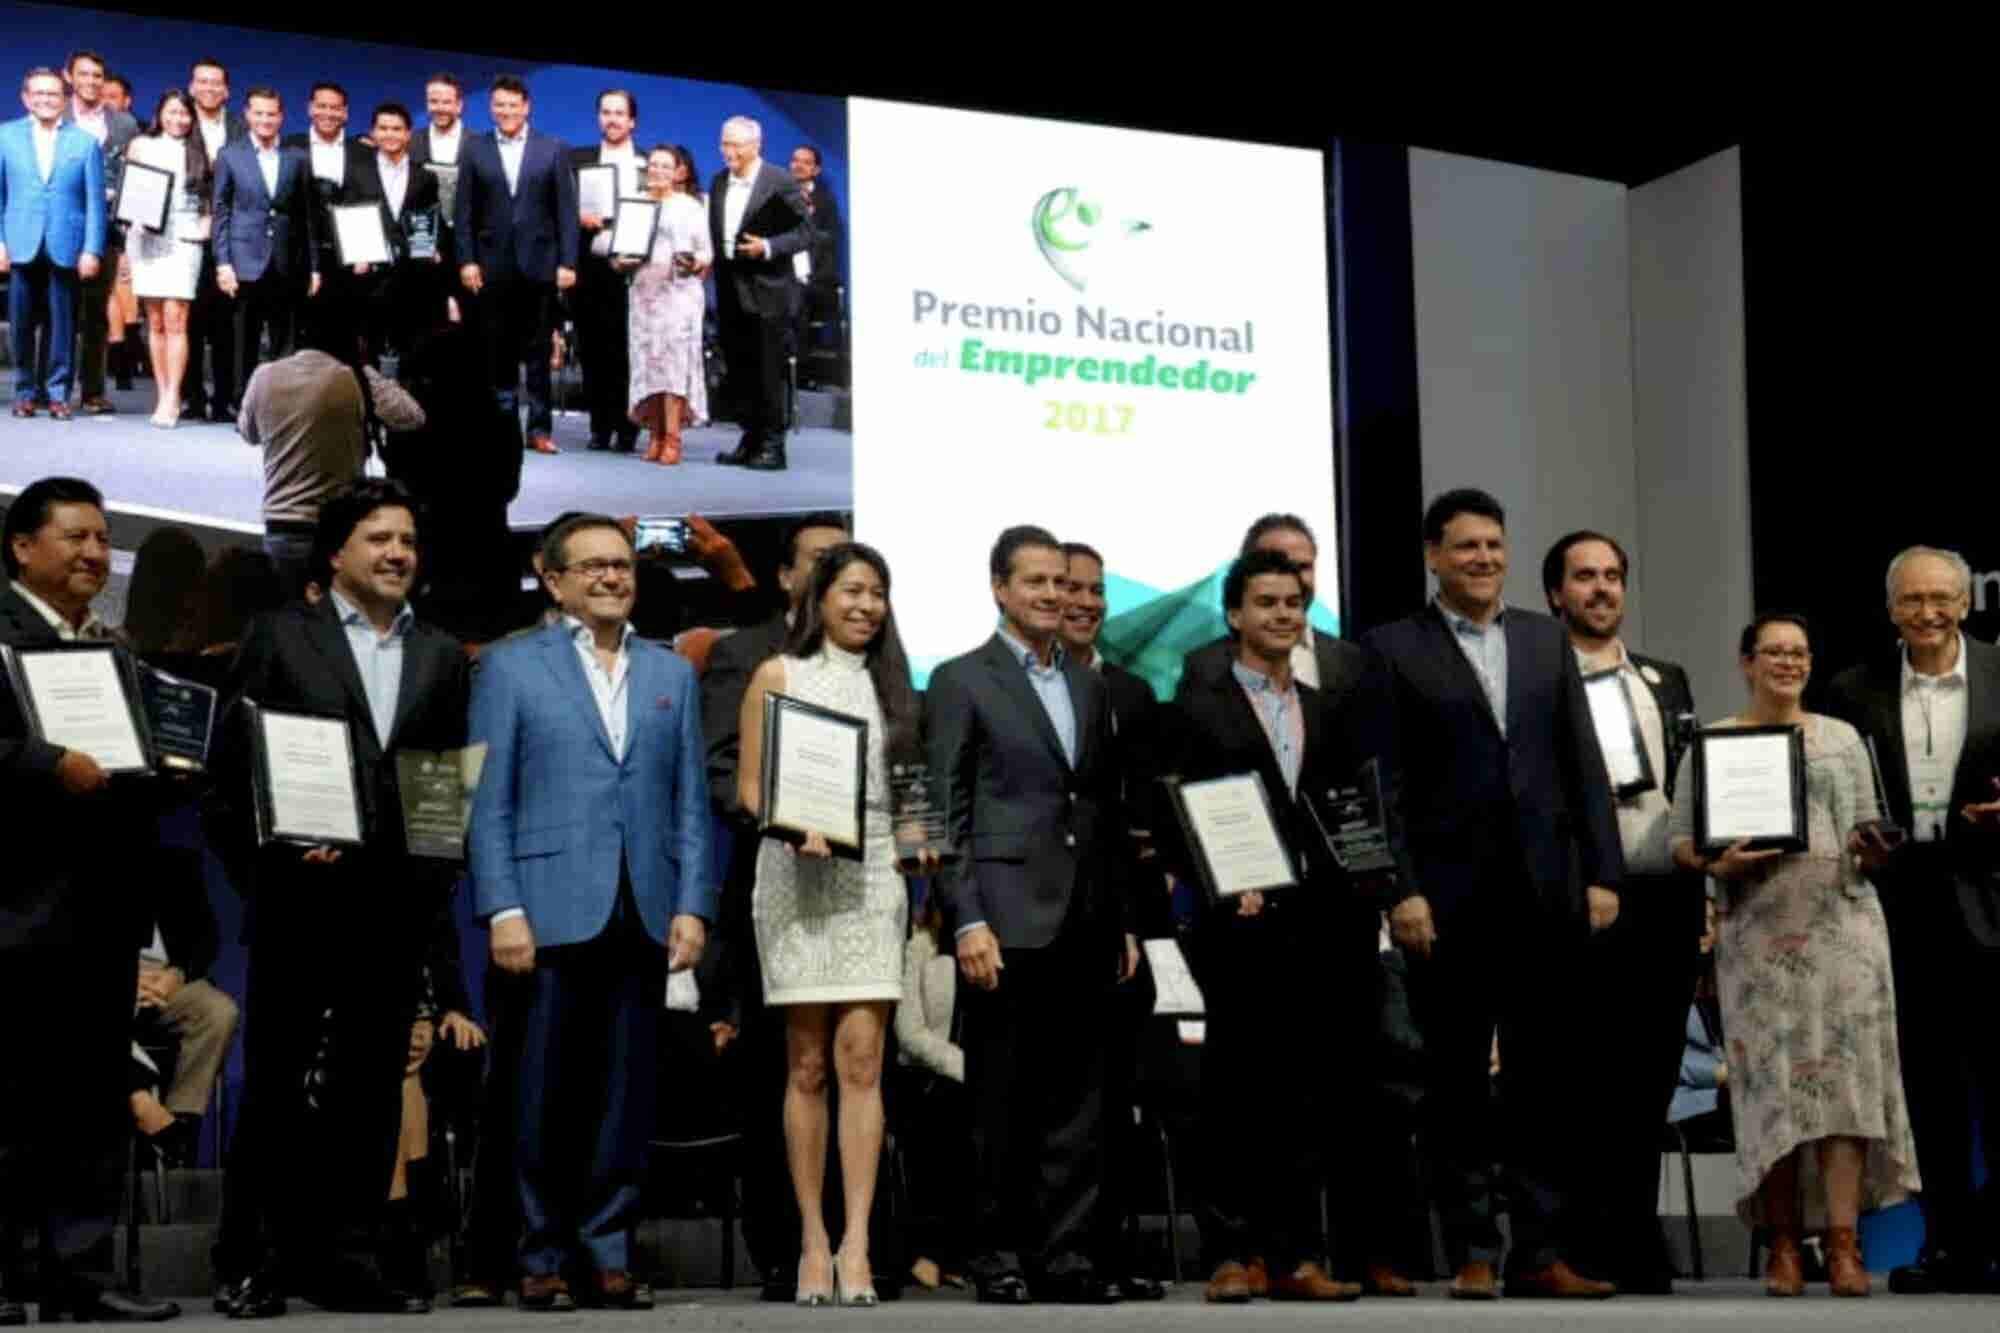 Conoce a los ganadores del Premio Nacional Emprendedor 2018